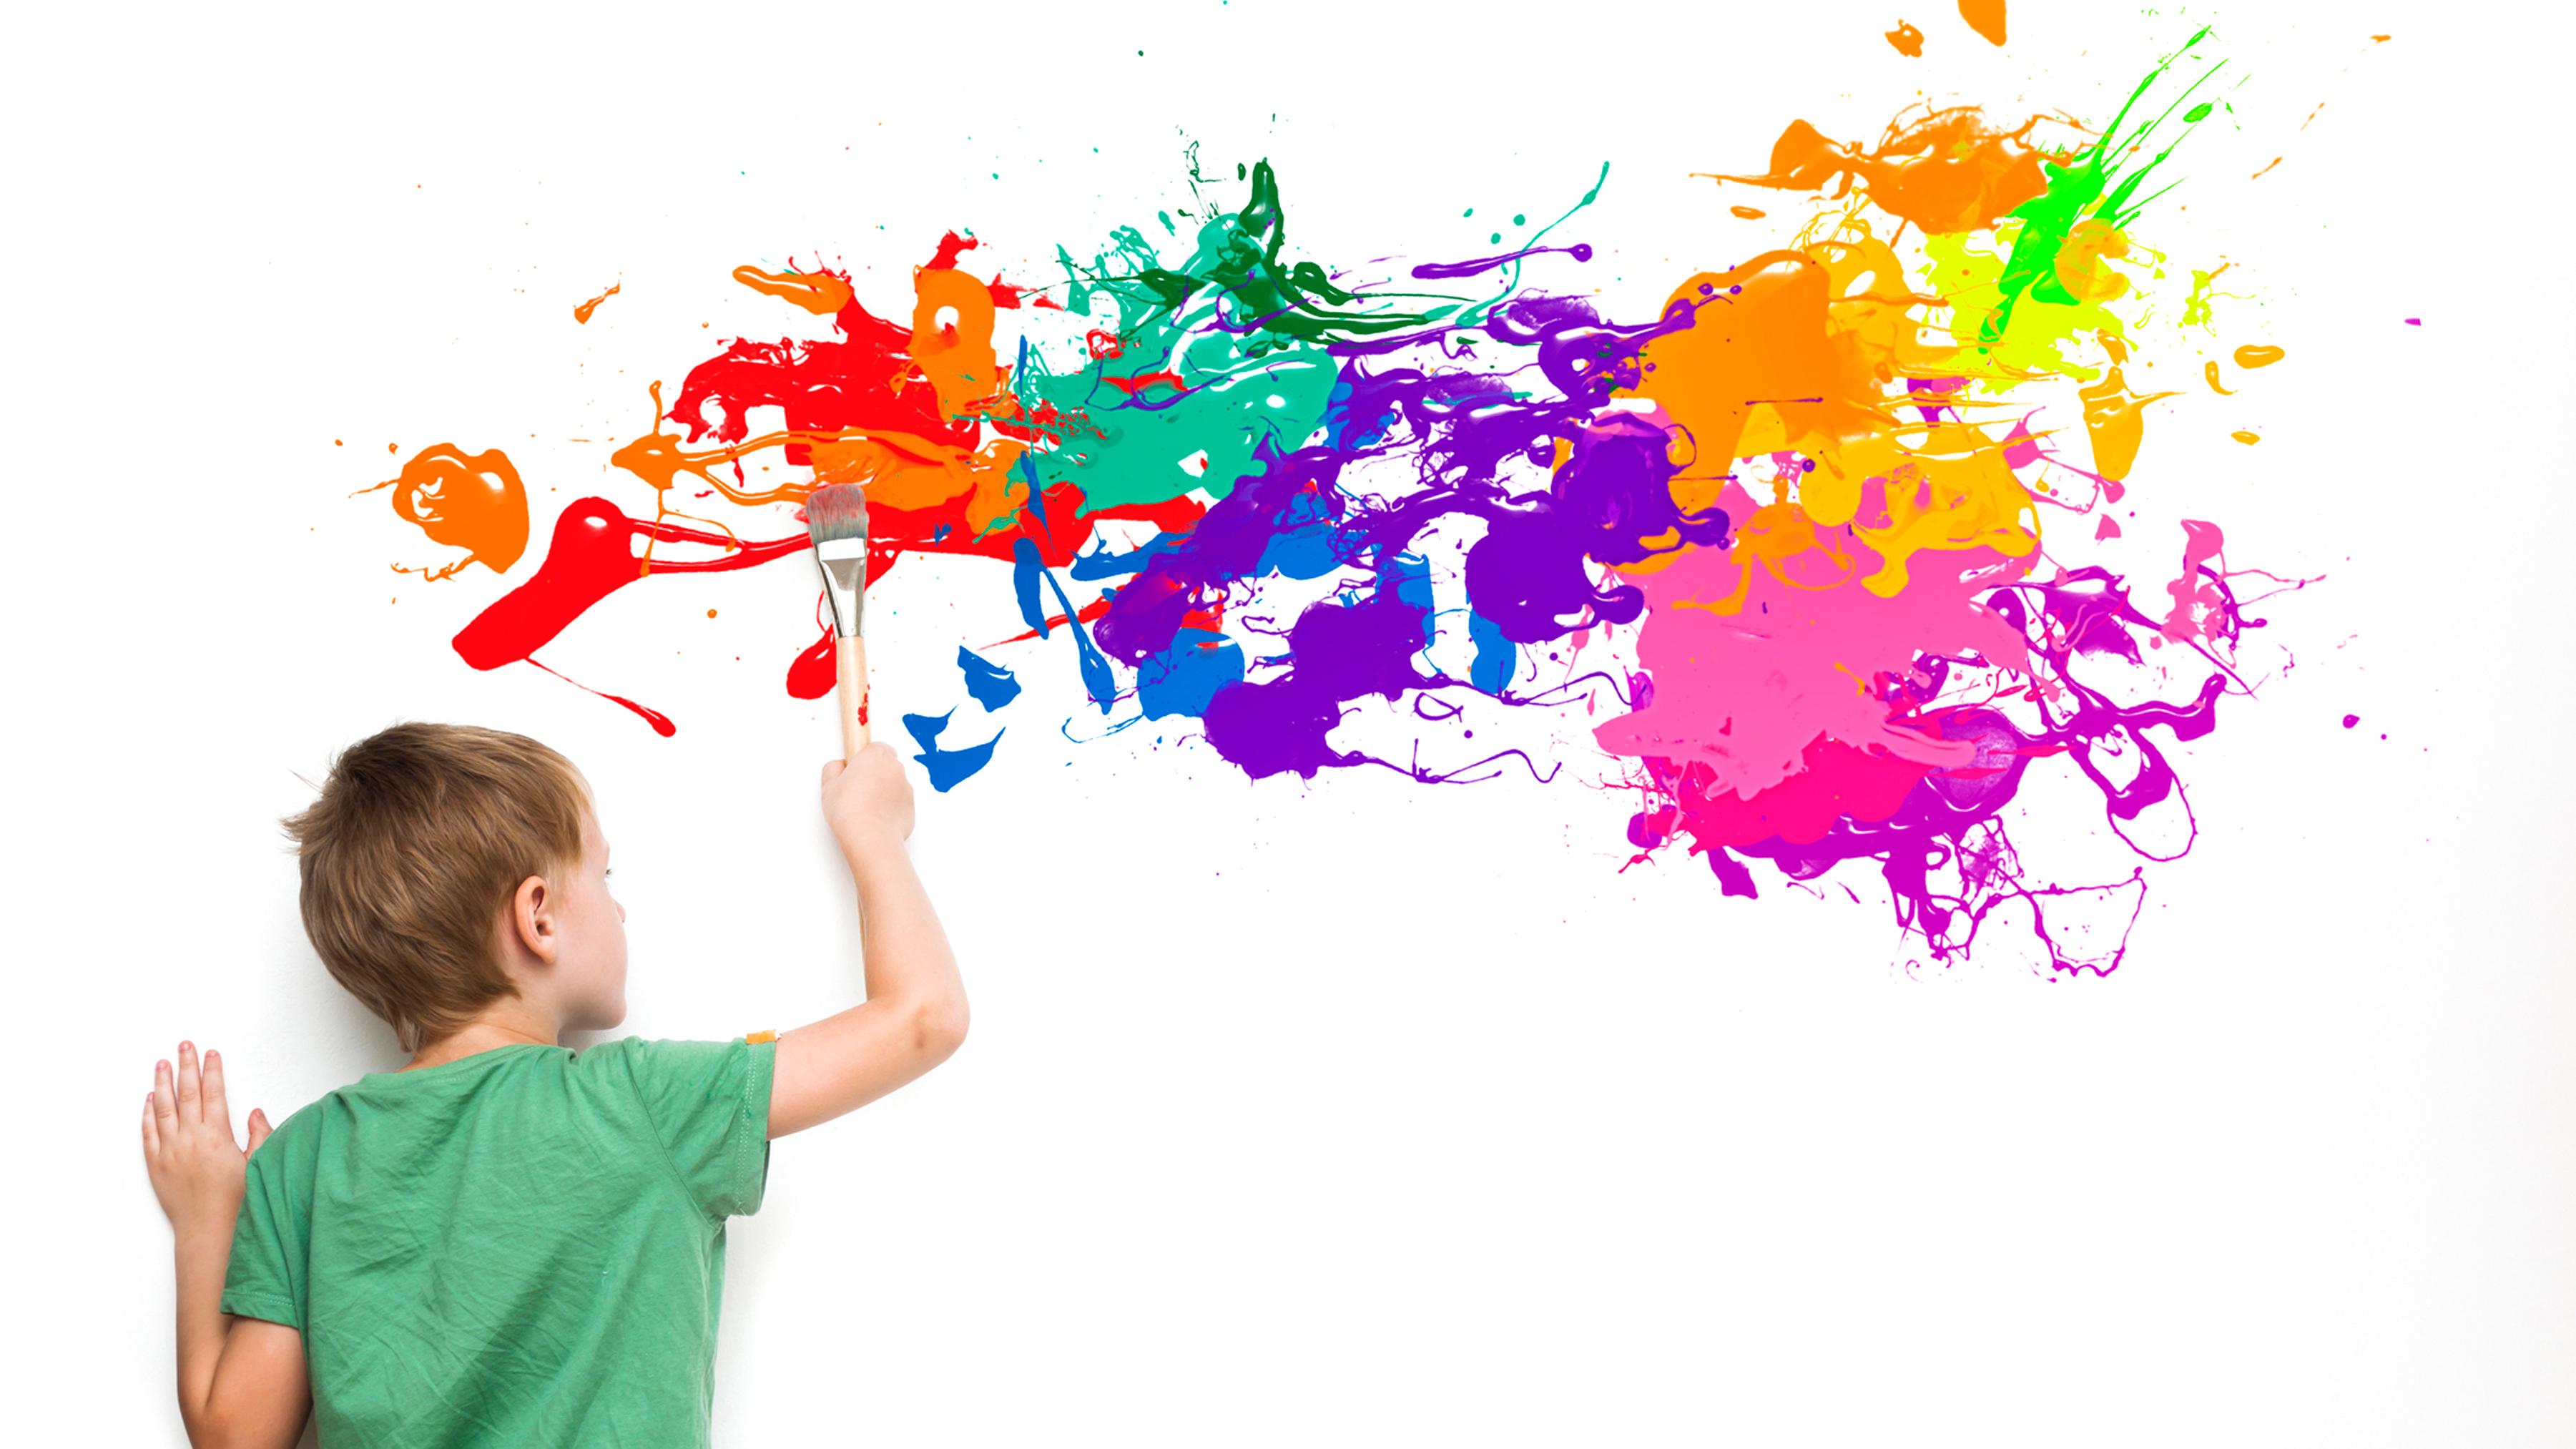 Niño Pintando 1 - La Creatividad es una actitud